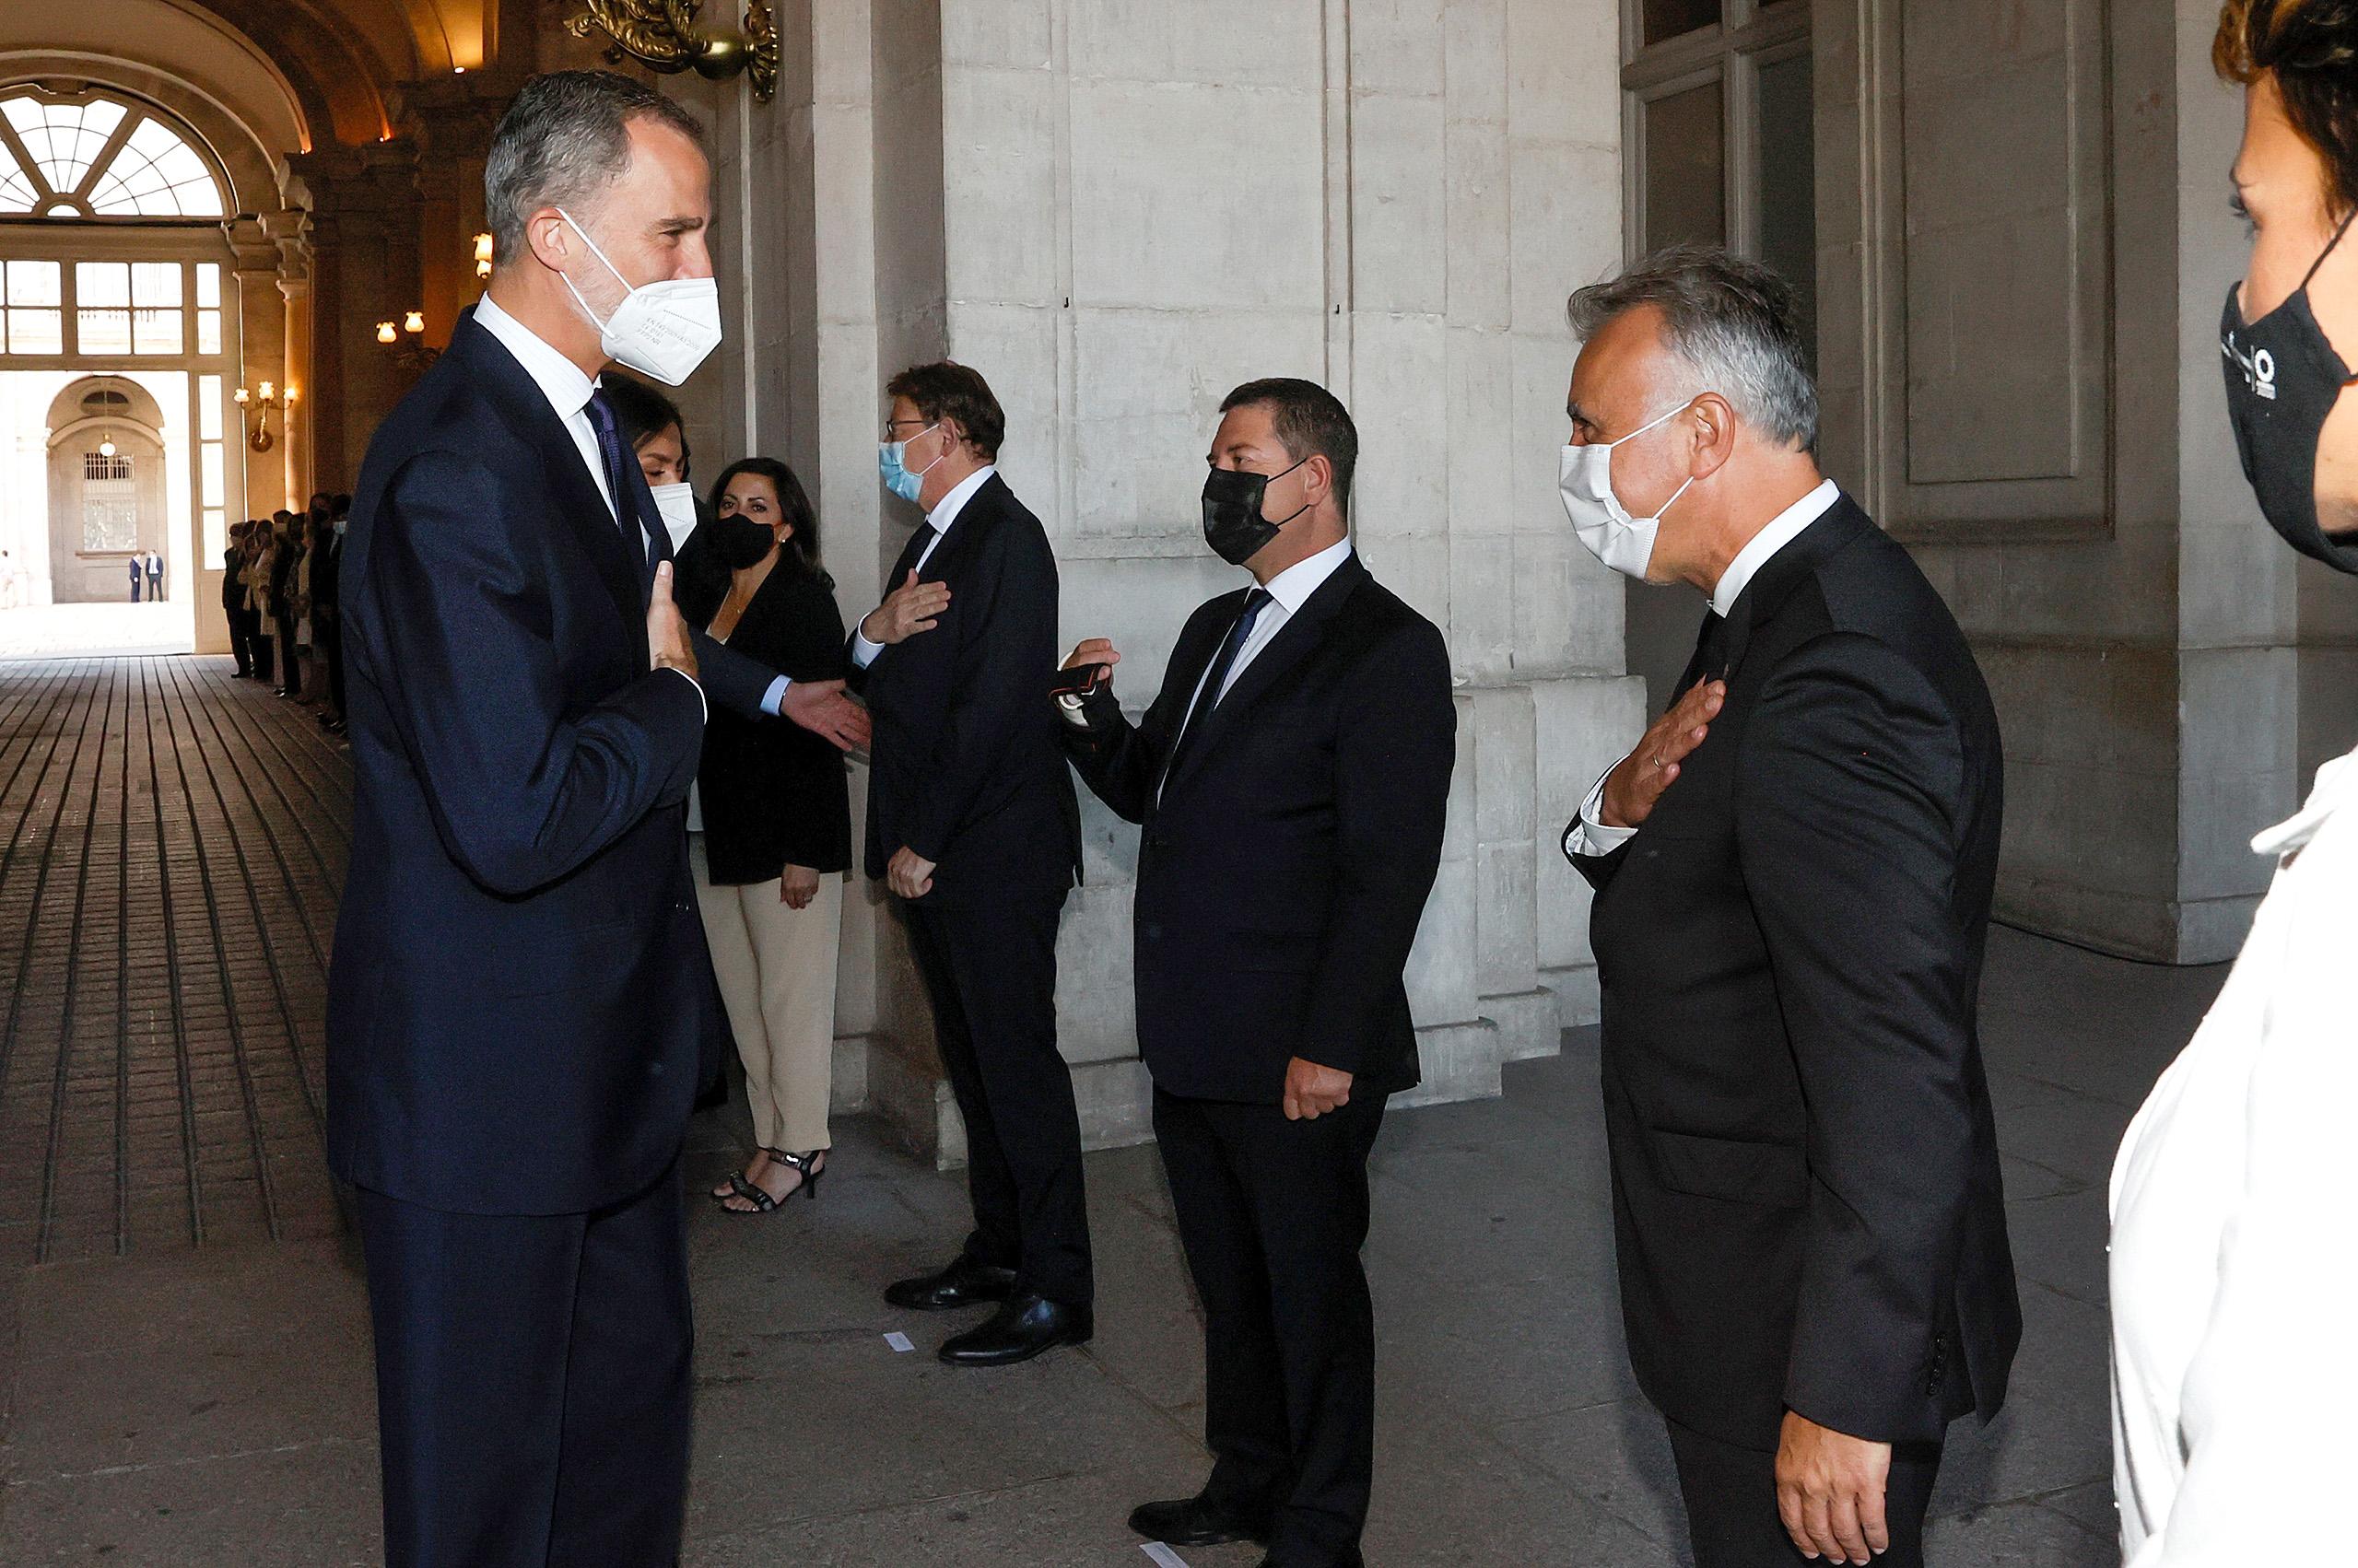 El rey Felipe VI saluda al presidente de Canarias, Ángel Víctor Torres, a su llegada al acto de homenaje de Estado a las víctimas de la pandemia de la covid-19 y de reconocimiento al personal sanitario.